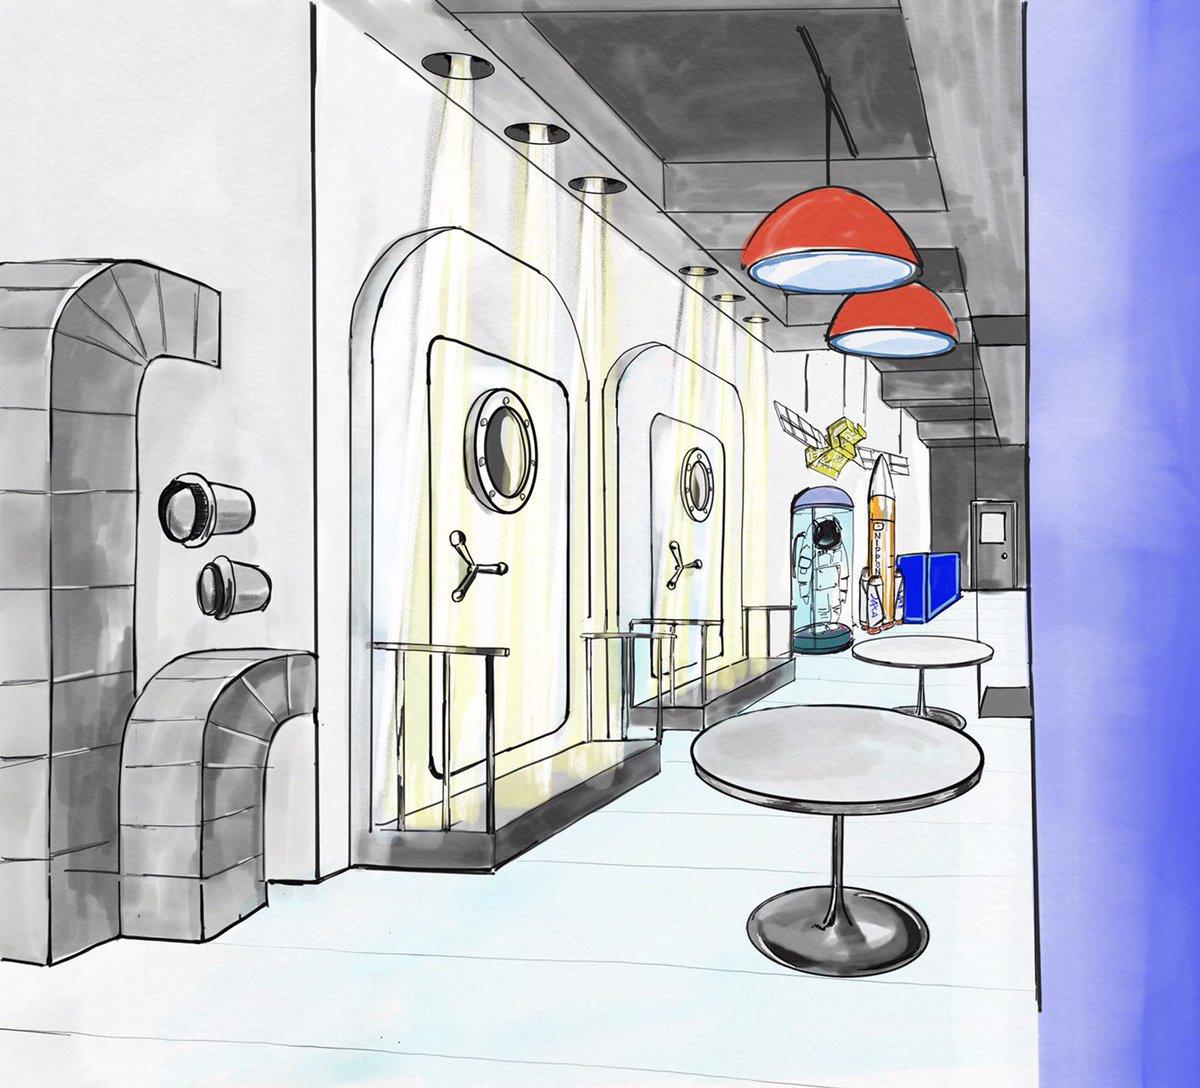 【噂の新店舗OPEN】宇宙兄弟とコラボした『宇宙飛行士選抜試験』のために新店舗OPEN決定!完成理想図をこっそり公開!店